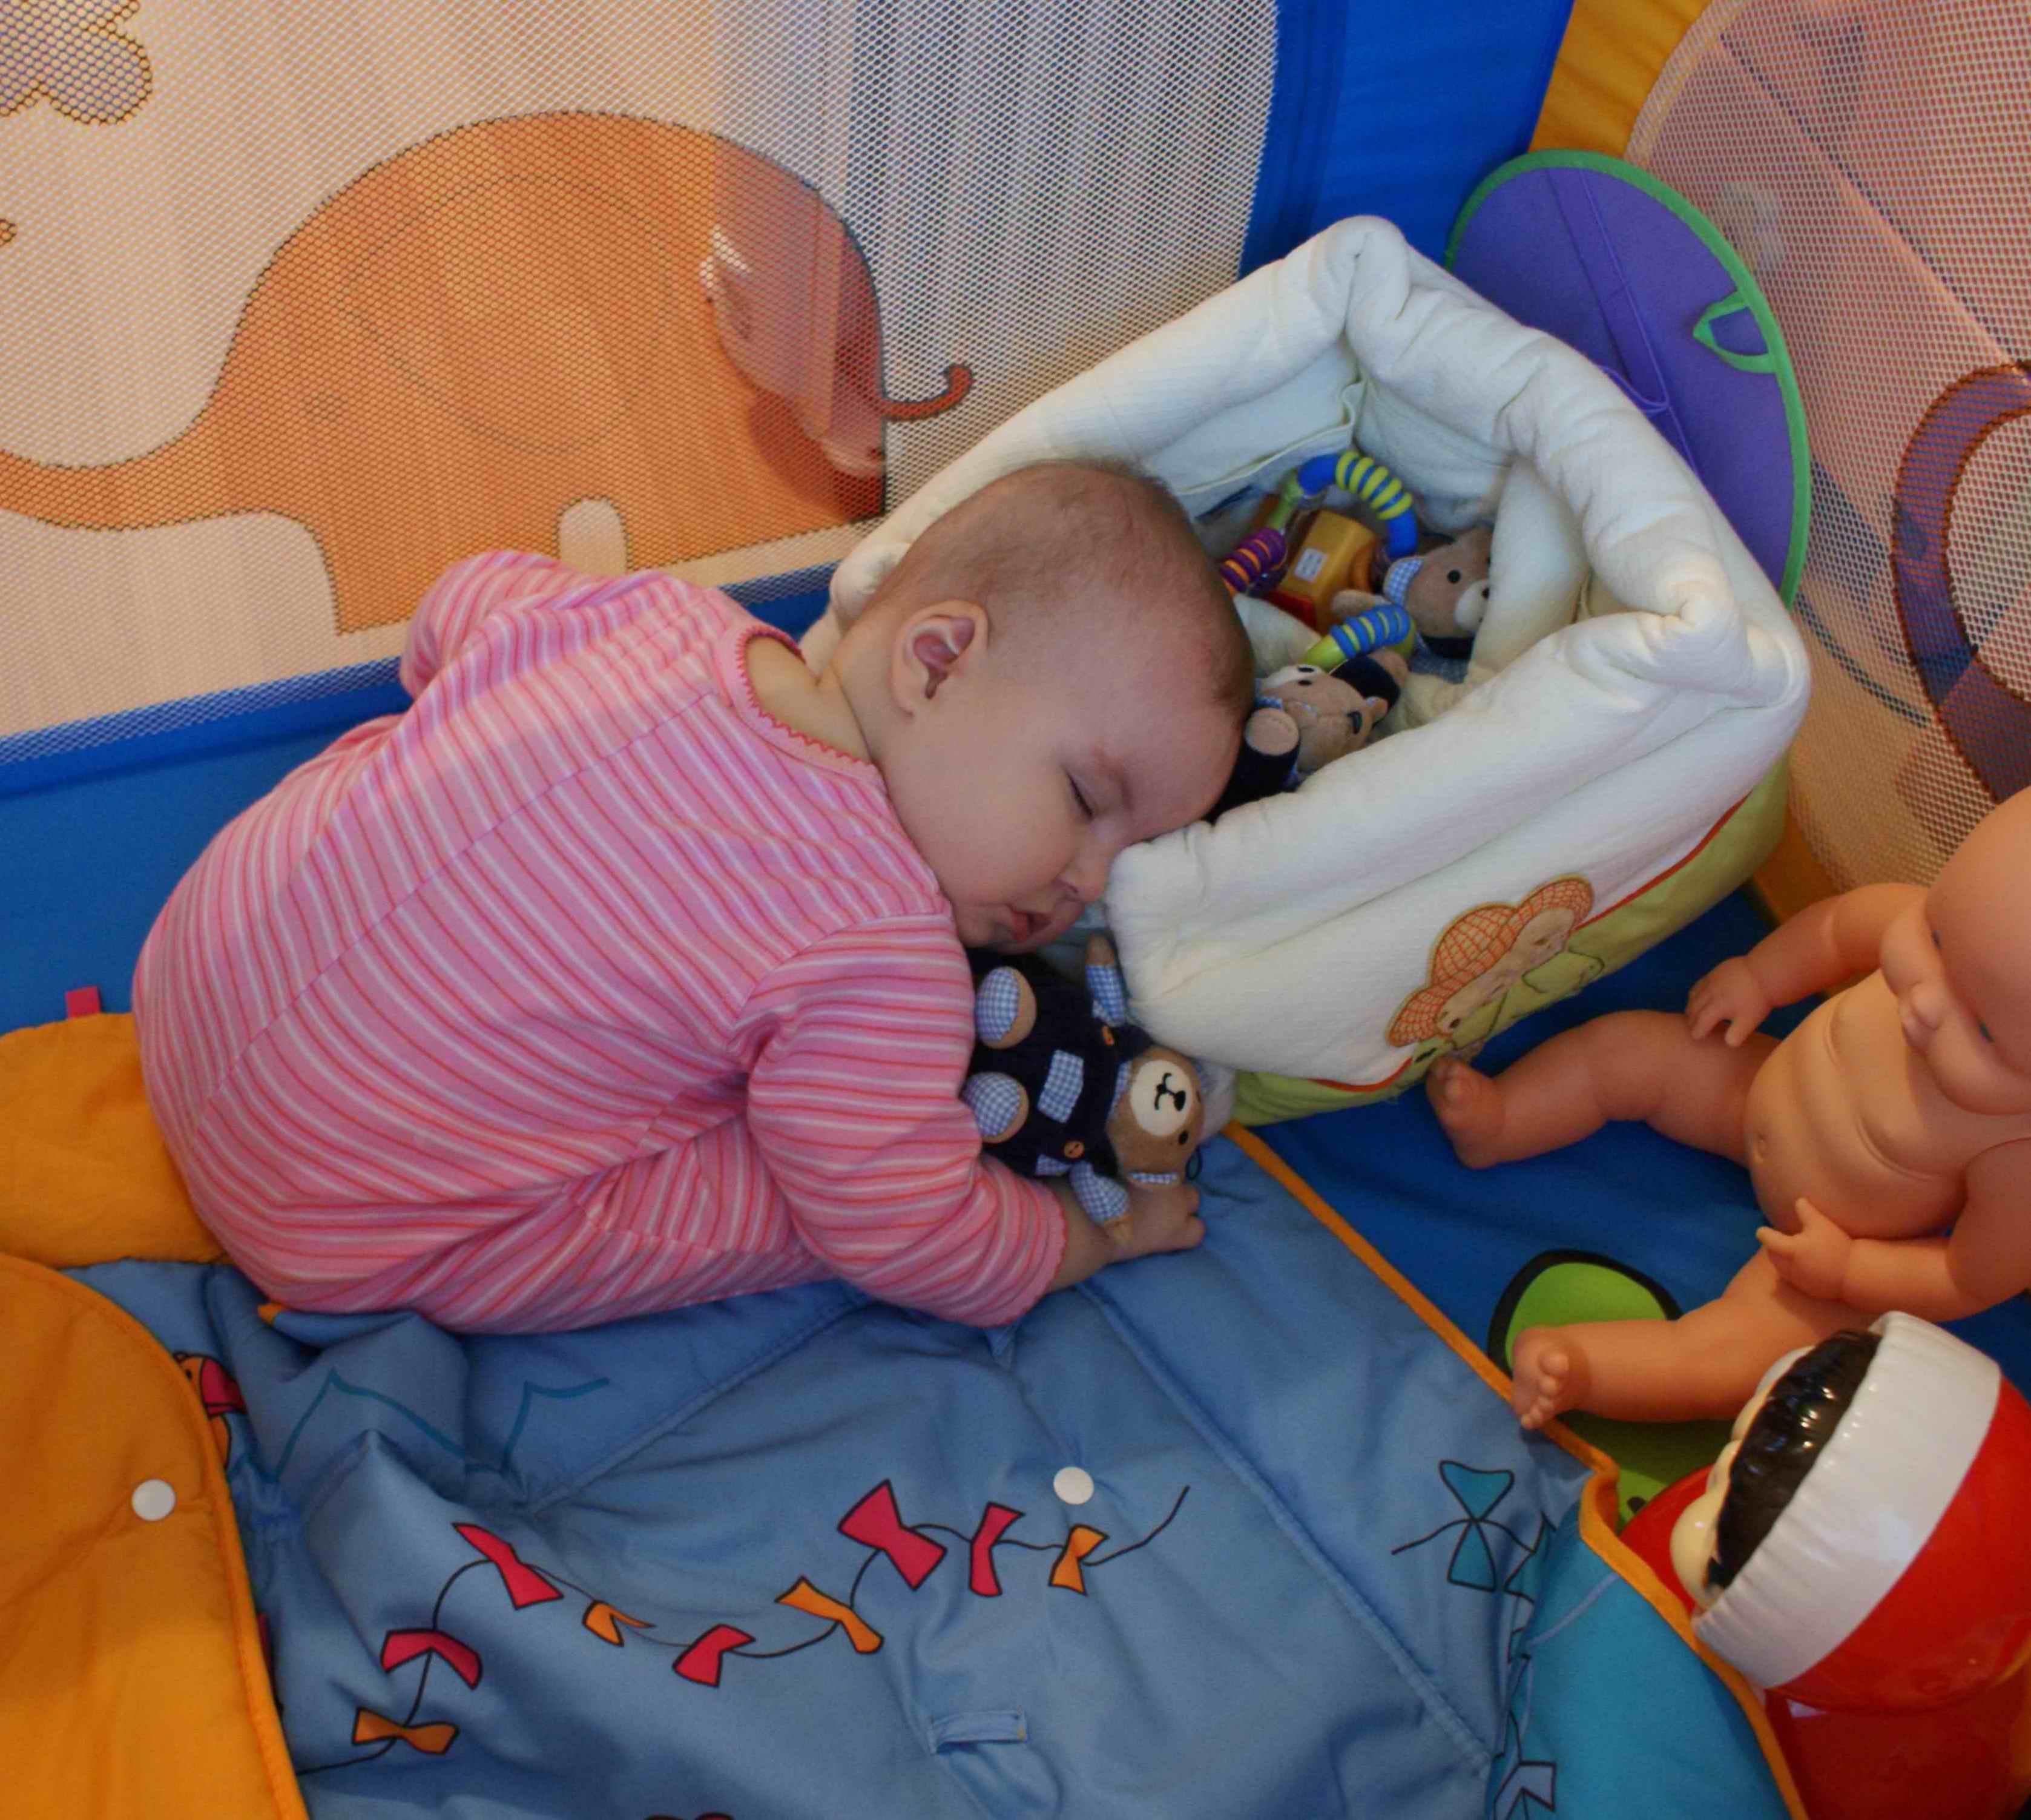 заснула во время игры. Спящие дети